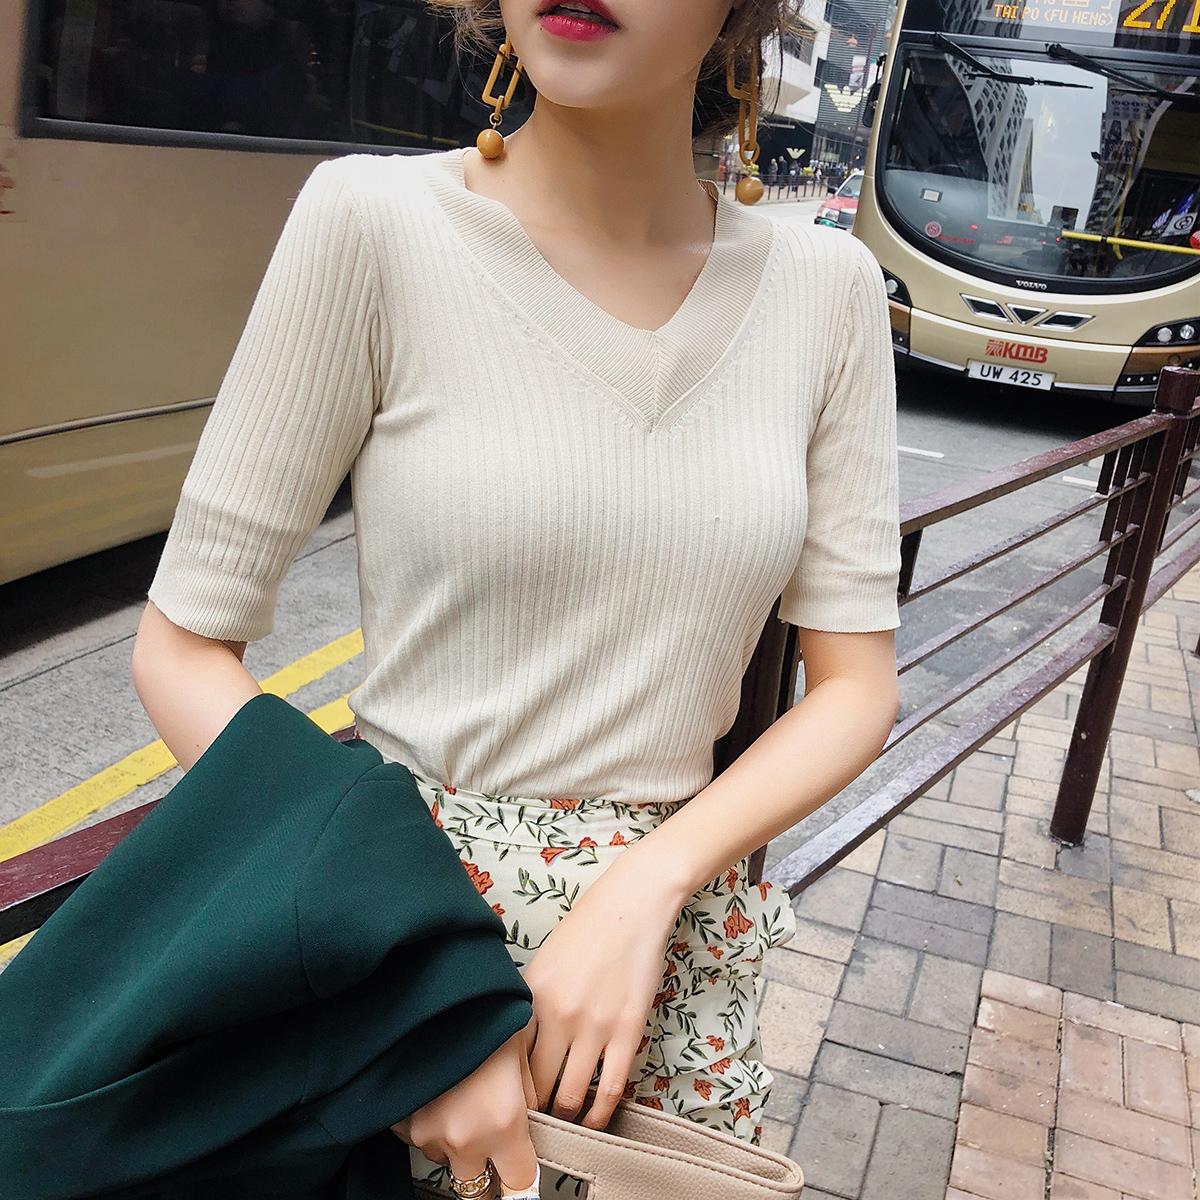 С коротким рукавом женщина 2018 новый весенние модели куртка свитер корейский дикий тонкий V воротник вязание chic короткий рукав T футболки